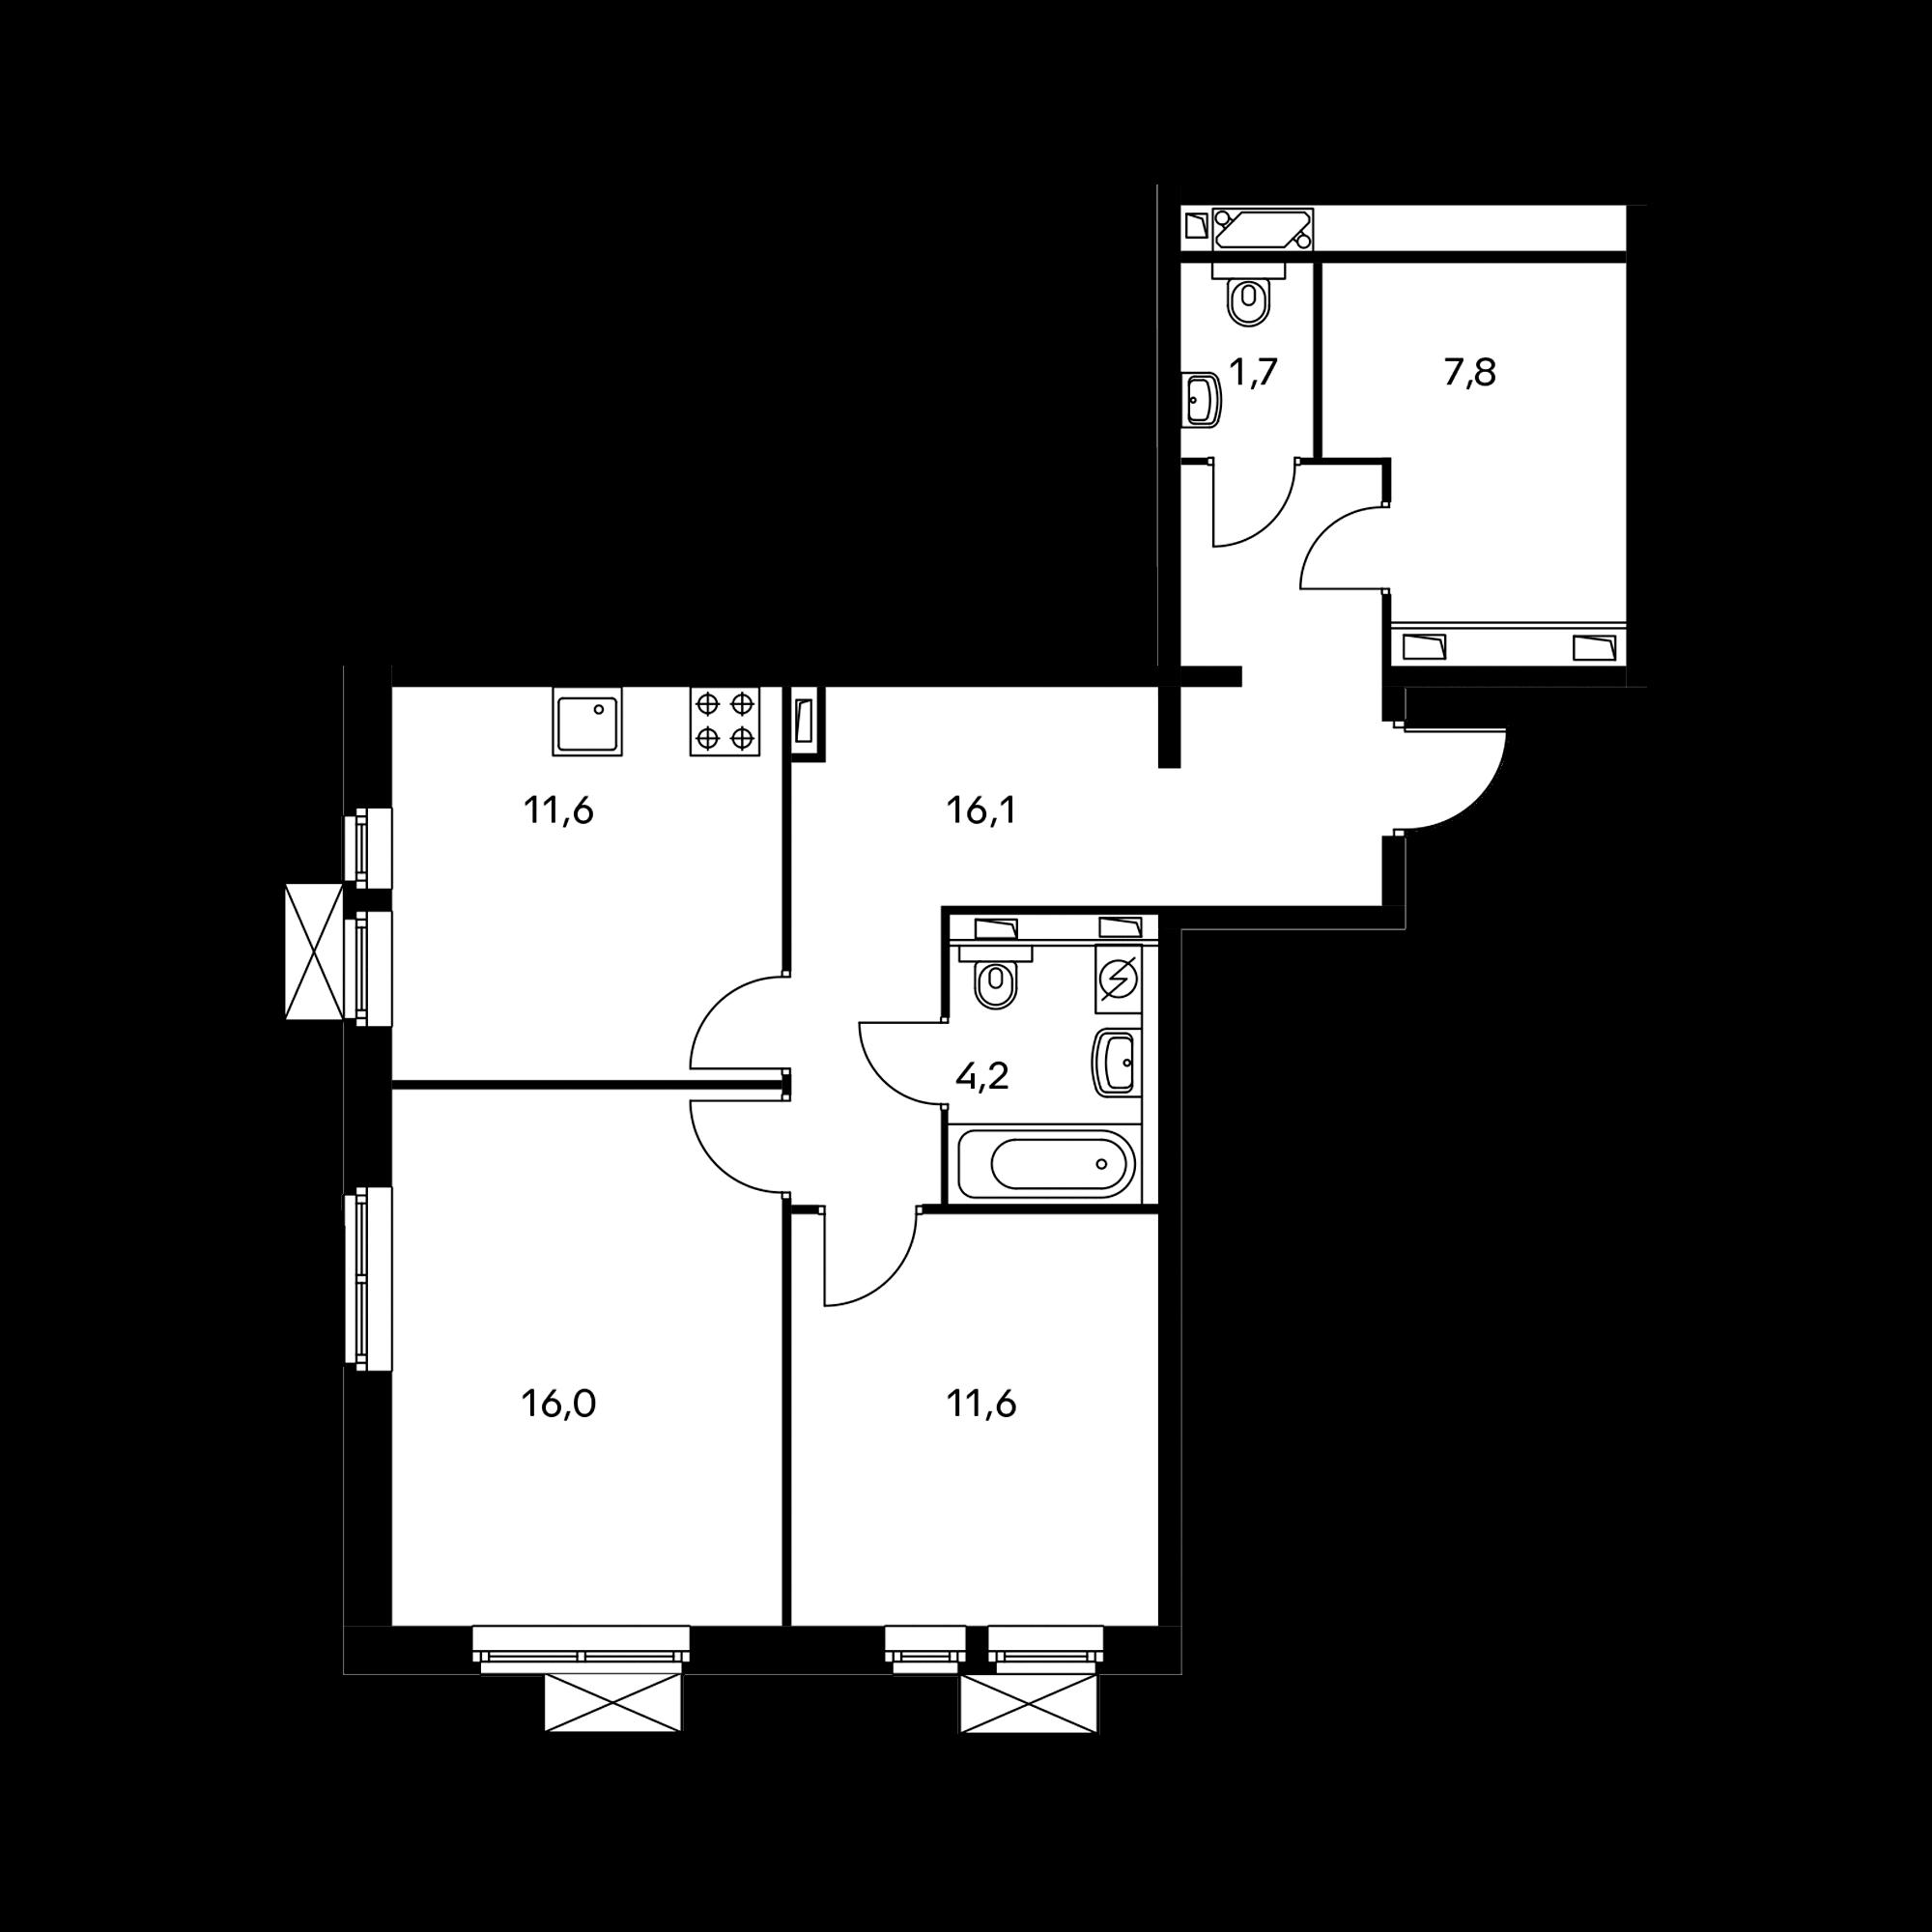 2KL22_6.9-1_T_A